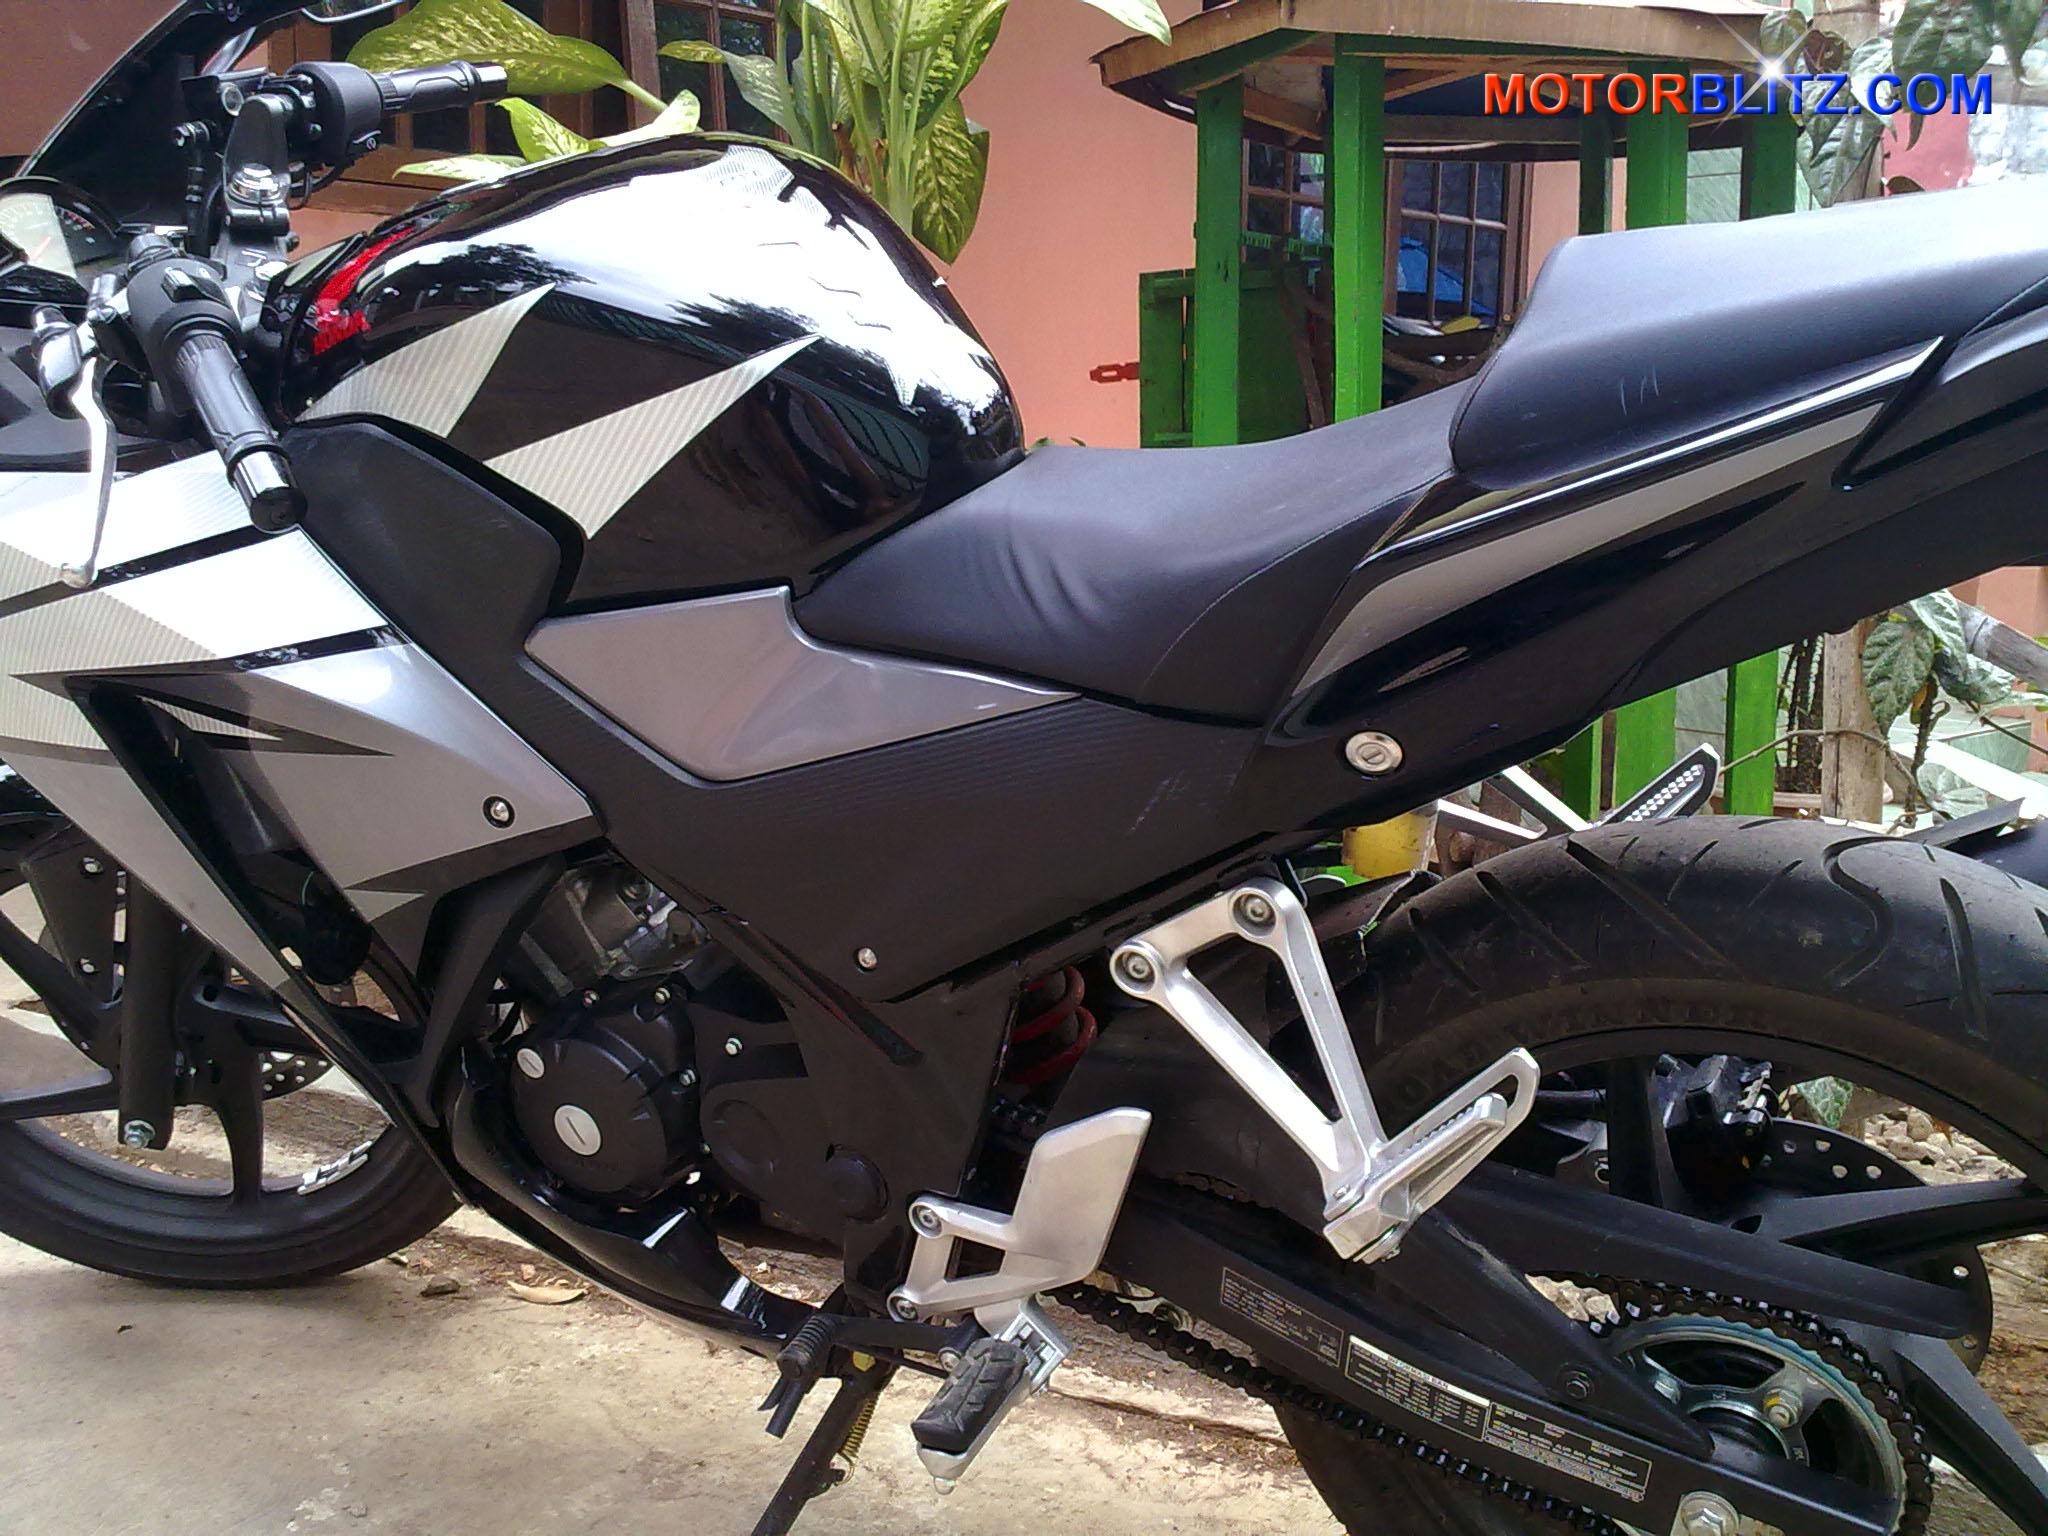 103 Modifikasi Motor Cbr 150r Warna Hitam Modifikasi Motor Honda